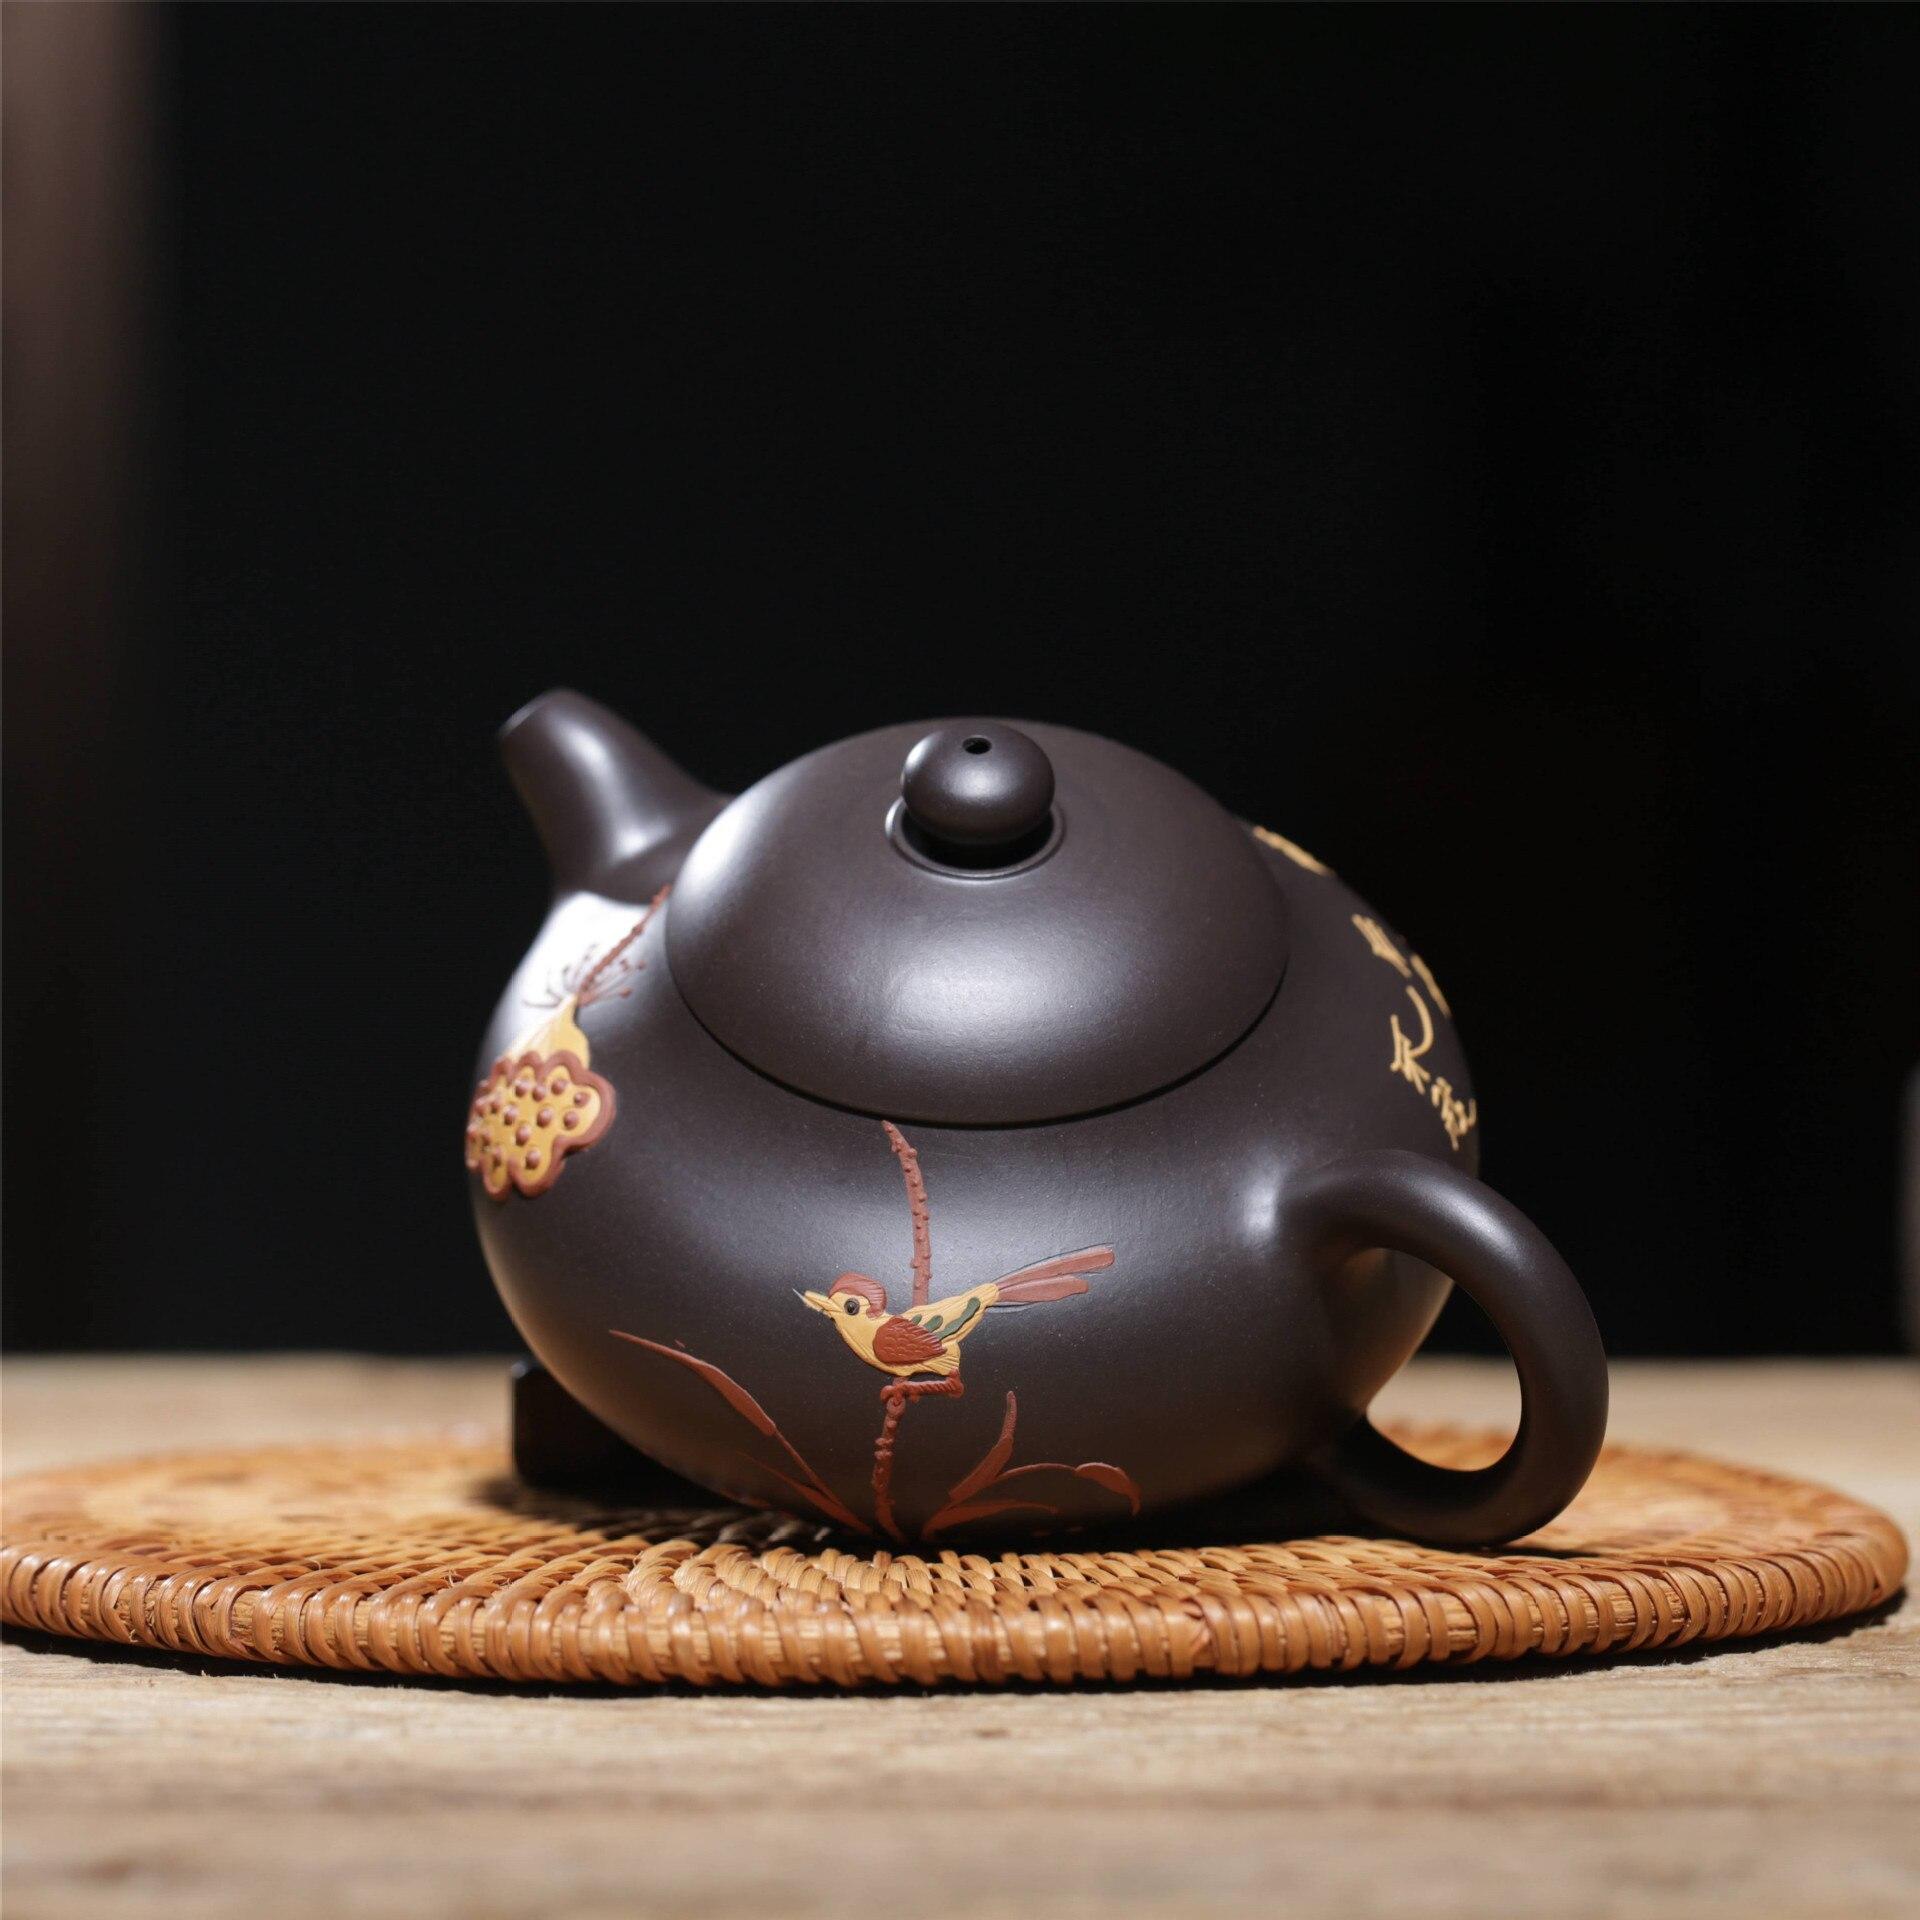 Известная ручная НЕОБРАБОТАННАЯ руда черного грязевого цветной рисунок или узор Xi Shi чайник завод прямой Wechat бизнес бесплатно агент - 2